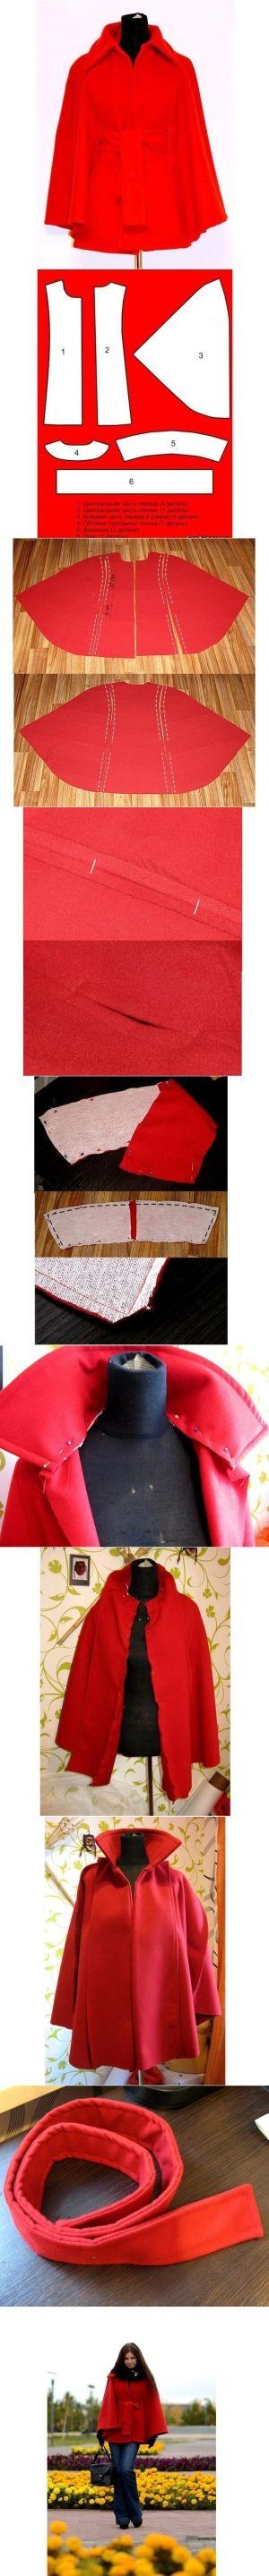 DIY Fashion Cape DIY Fashion Cape by diyforever